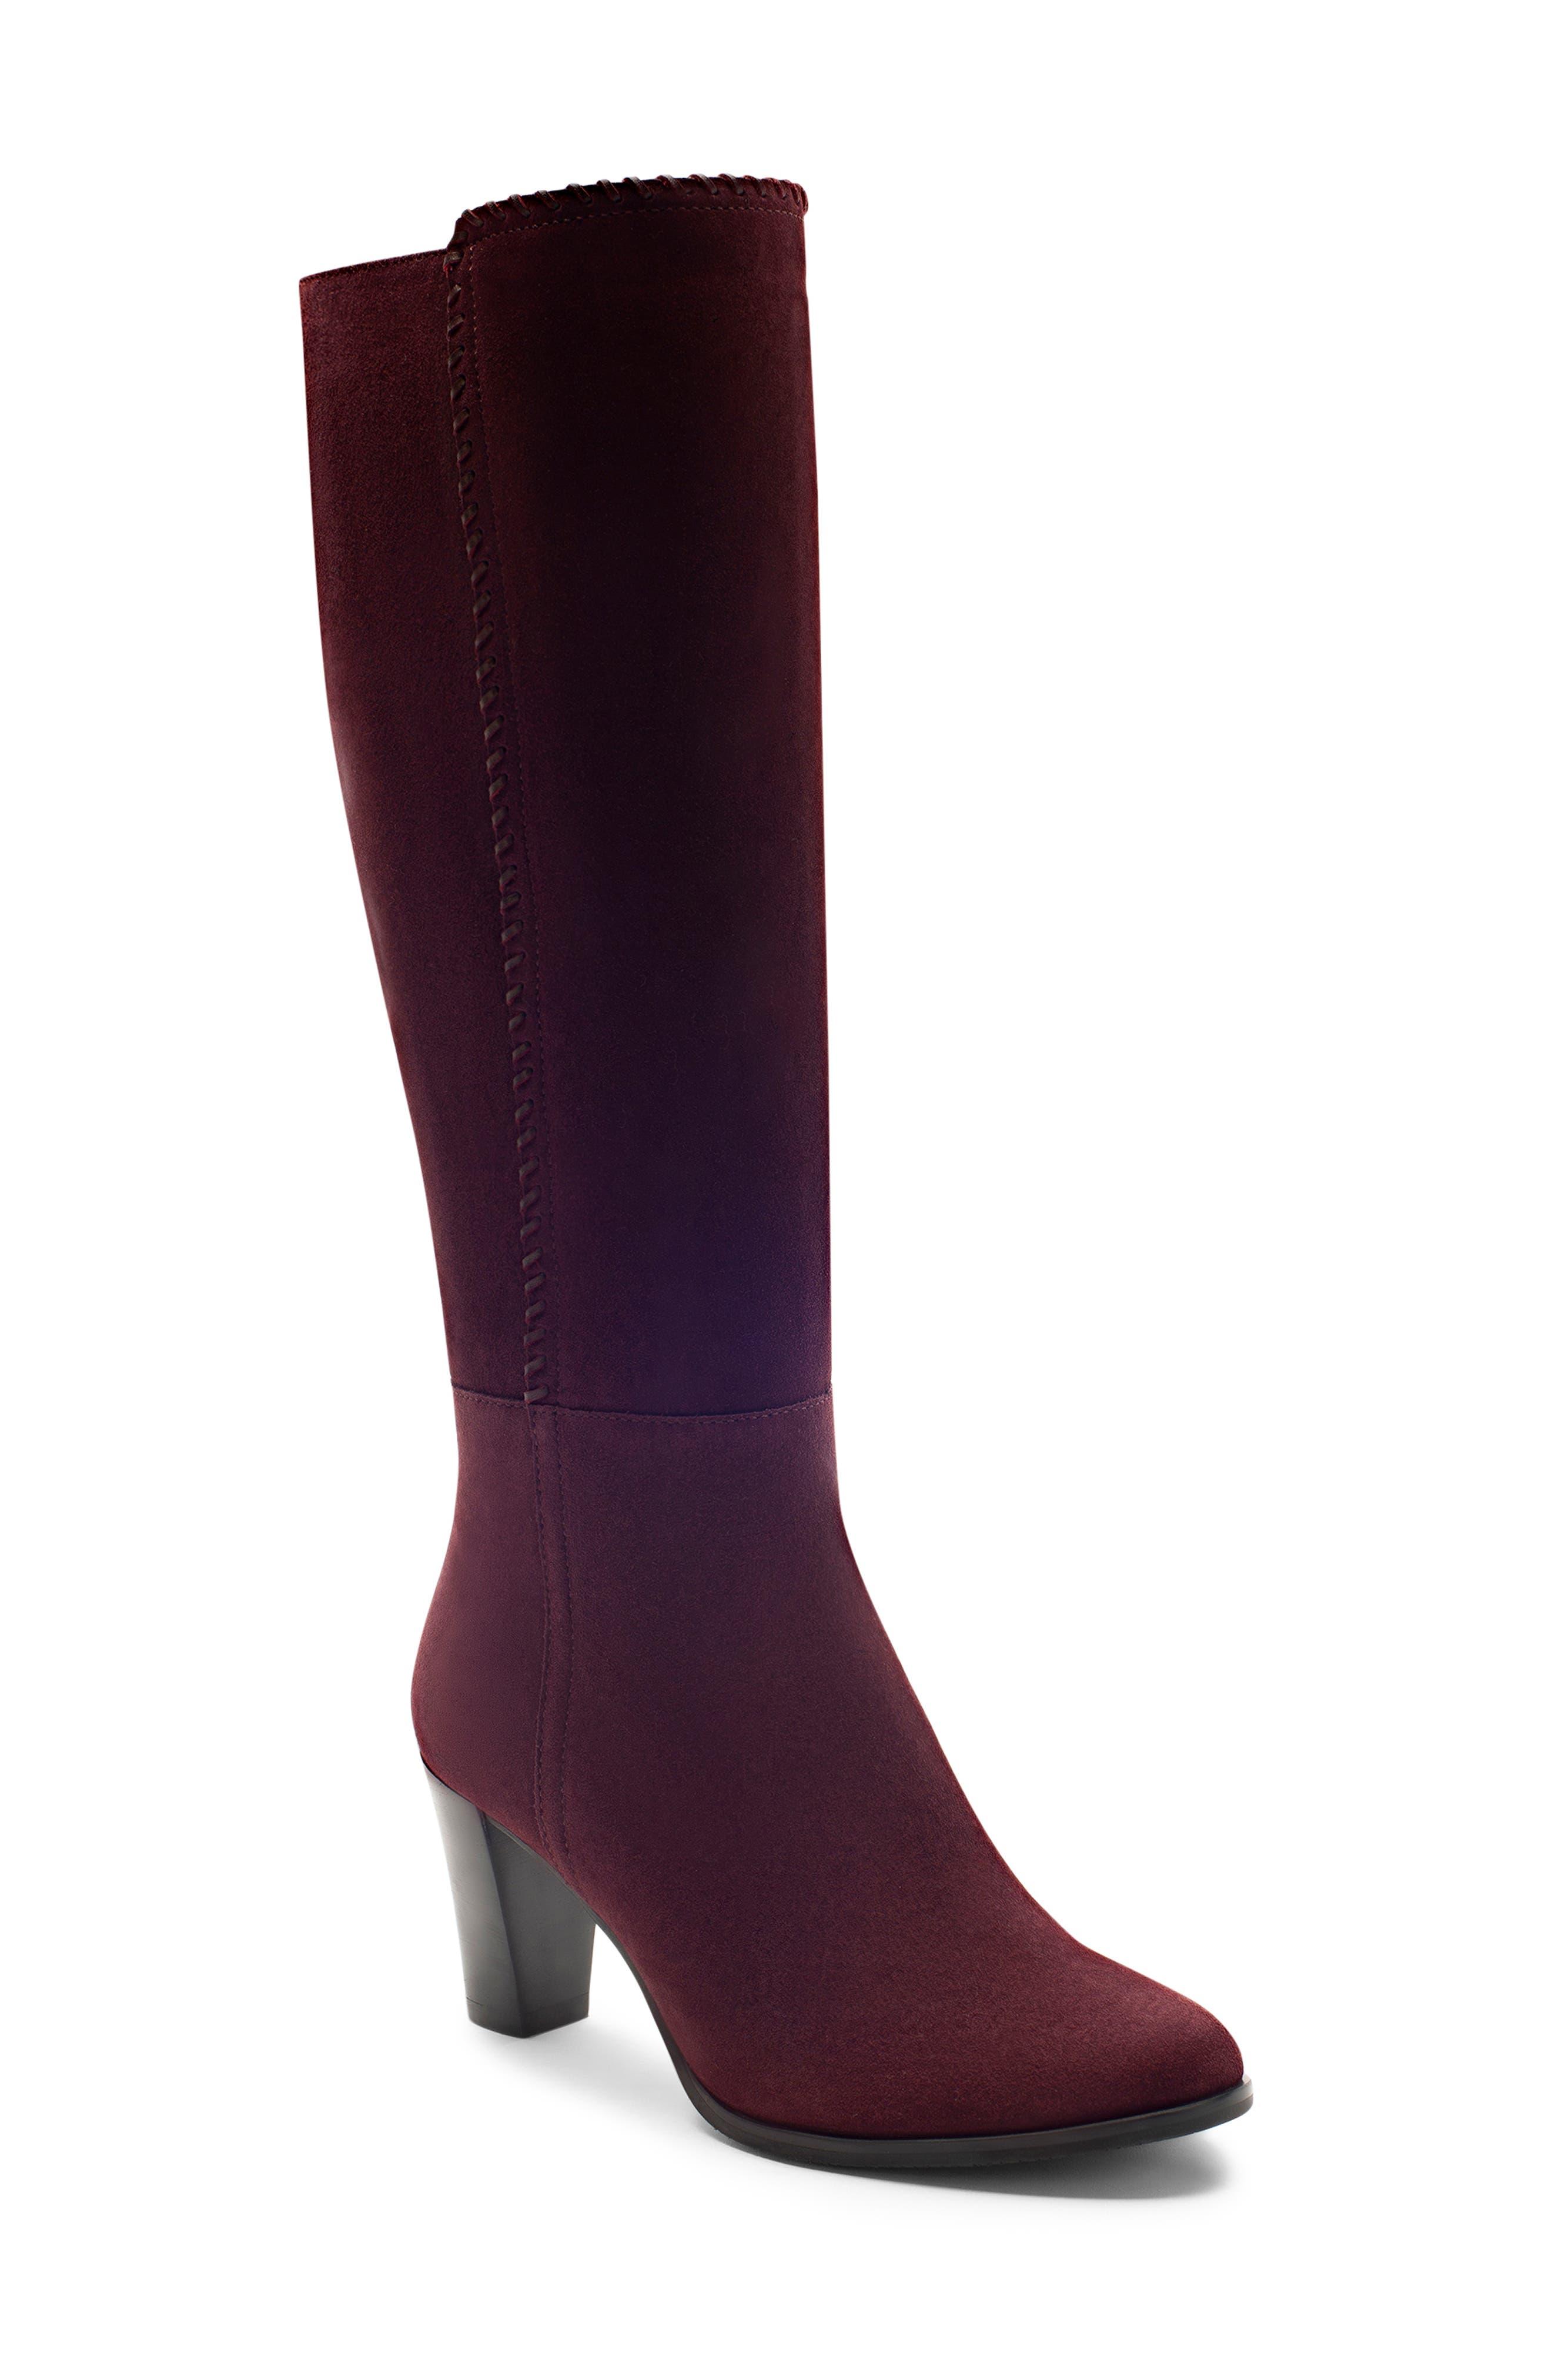 Blondo Edith Knee-High Waterproof Suede Boot- Burgundy